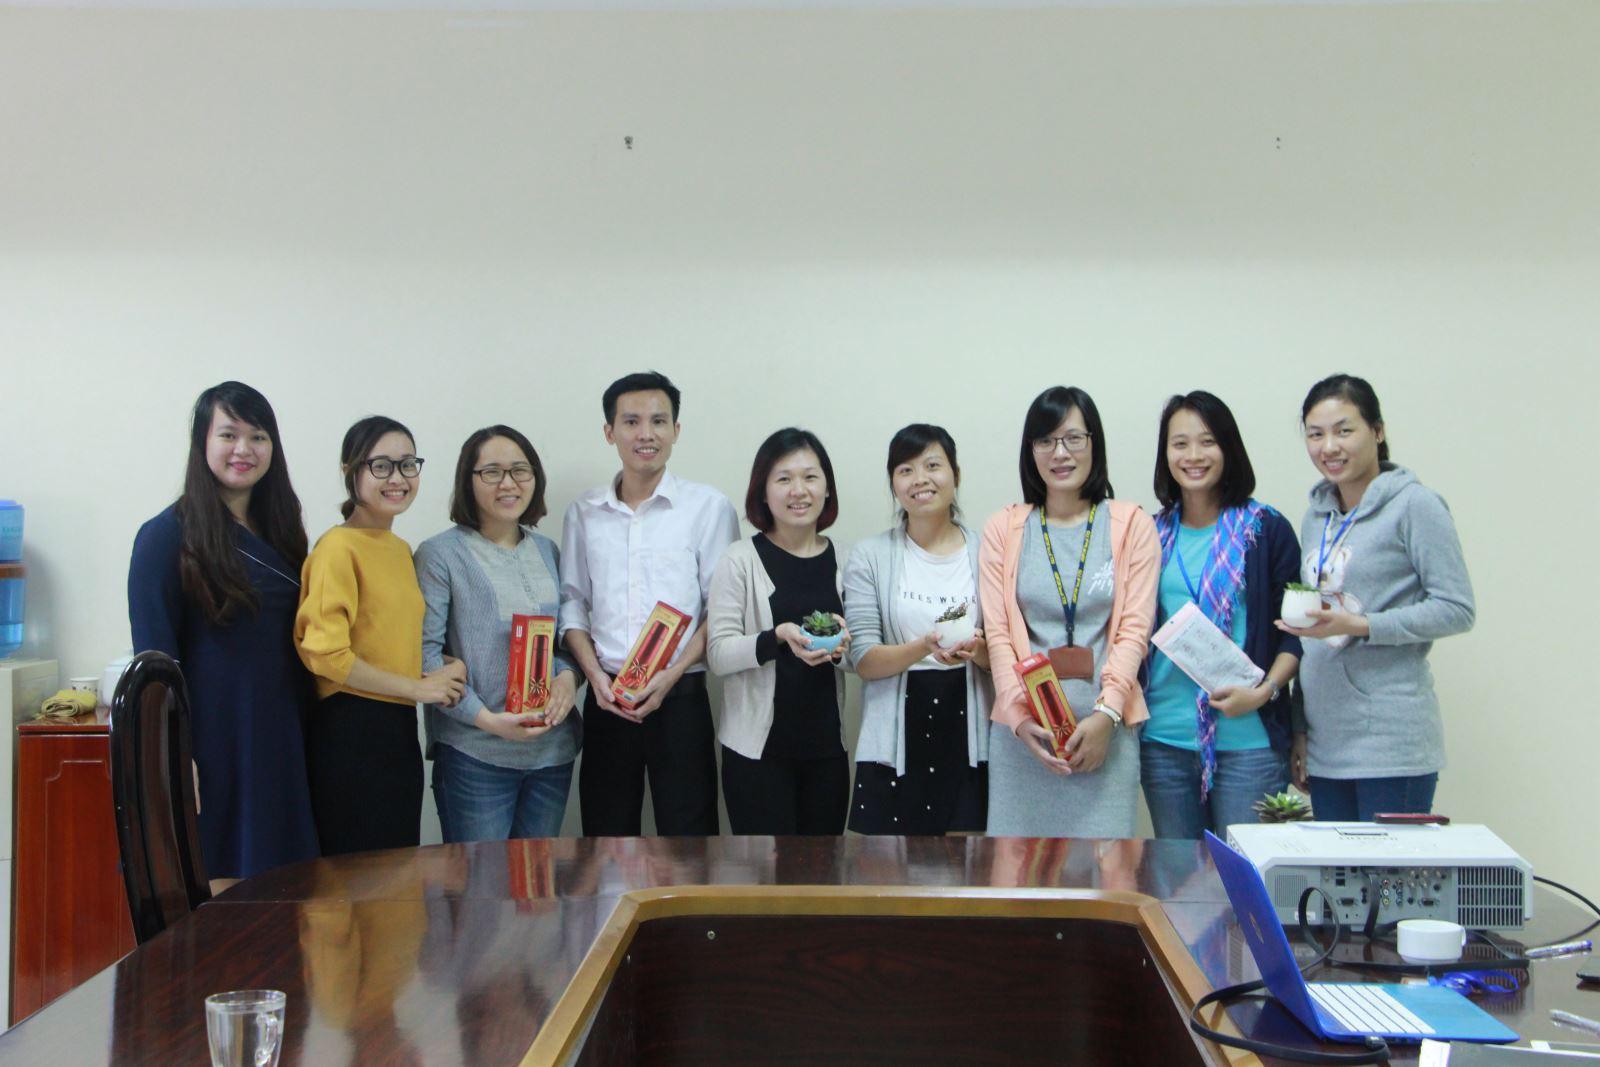 Chi đoàn Hành chính sinh hoạt chuyên đề: Tìm hiểu về ngày truyền thống Phụ nữ Việt Nam